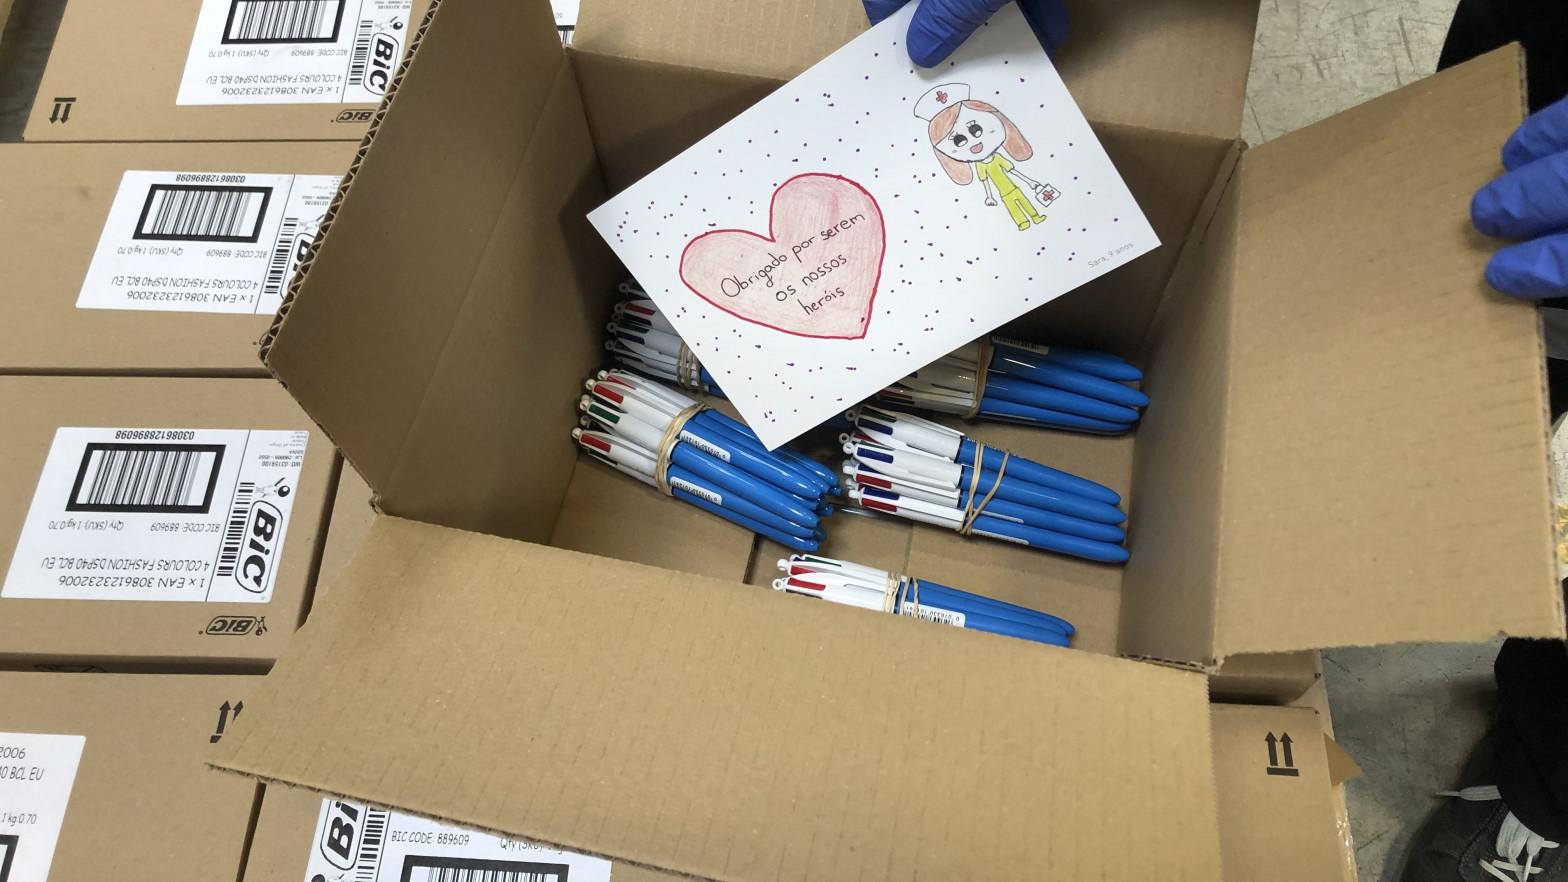 El fabricante de los bolígrafos BIC anuncia un ERE para 52 personas